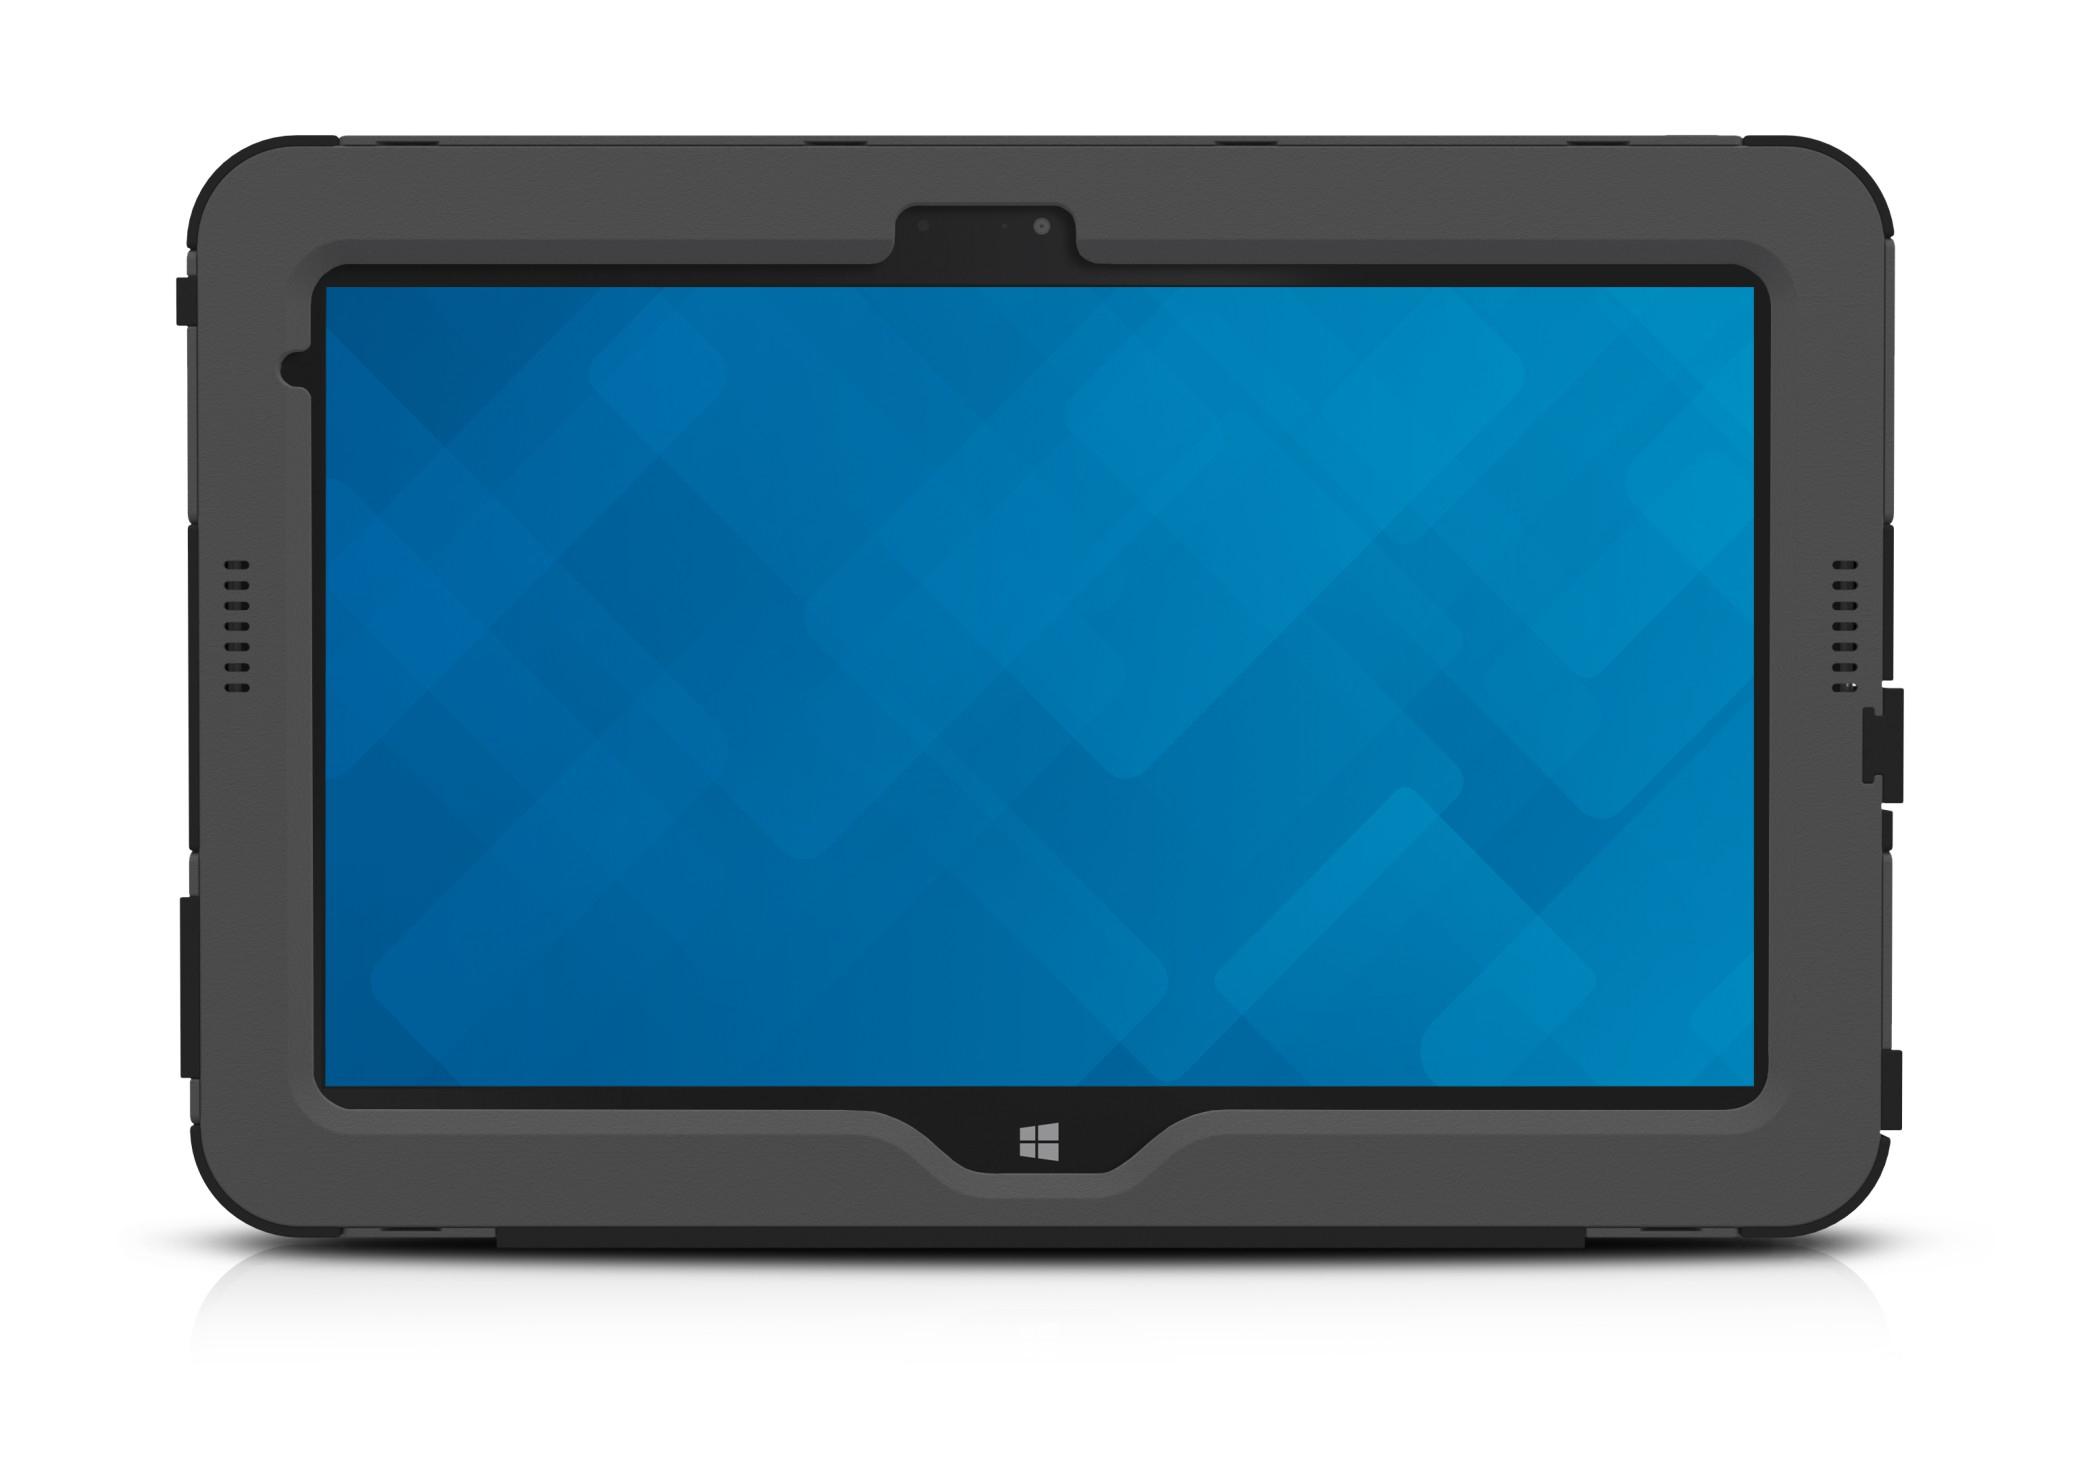 Dell Venue 11 Pro Safeport Rugged Max Pro Cover Case - Black - (460-BBIO)